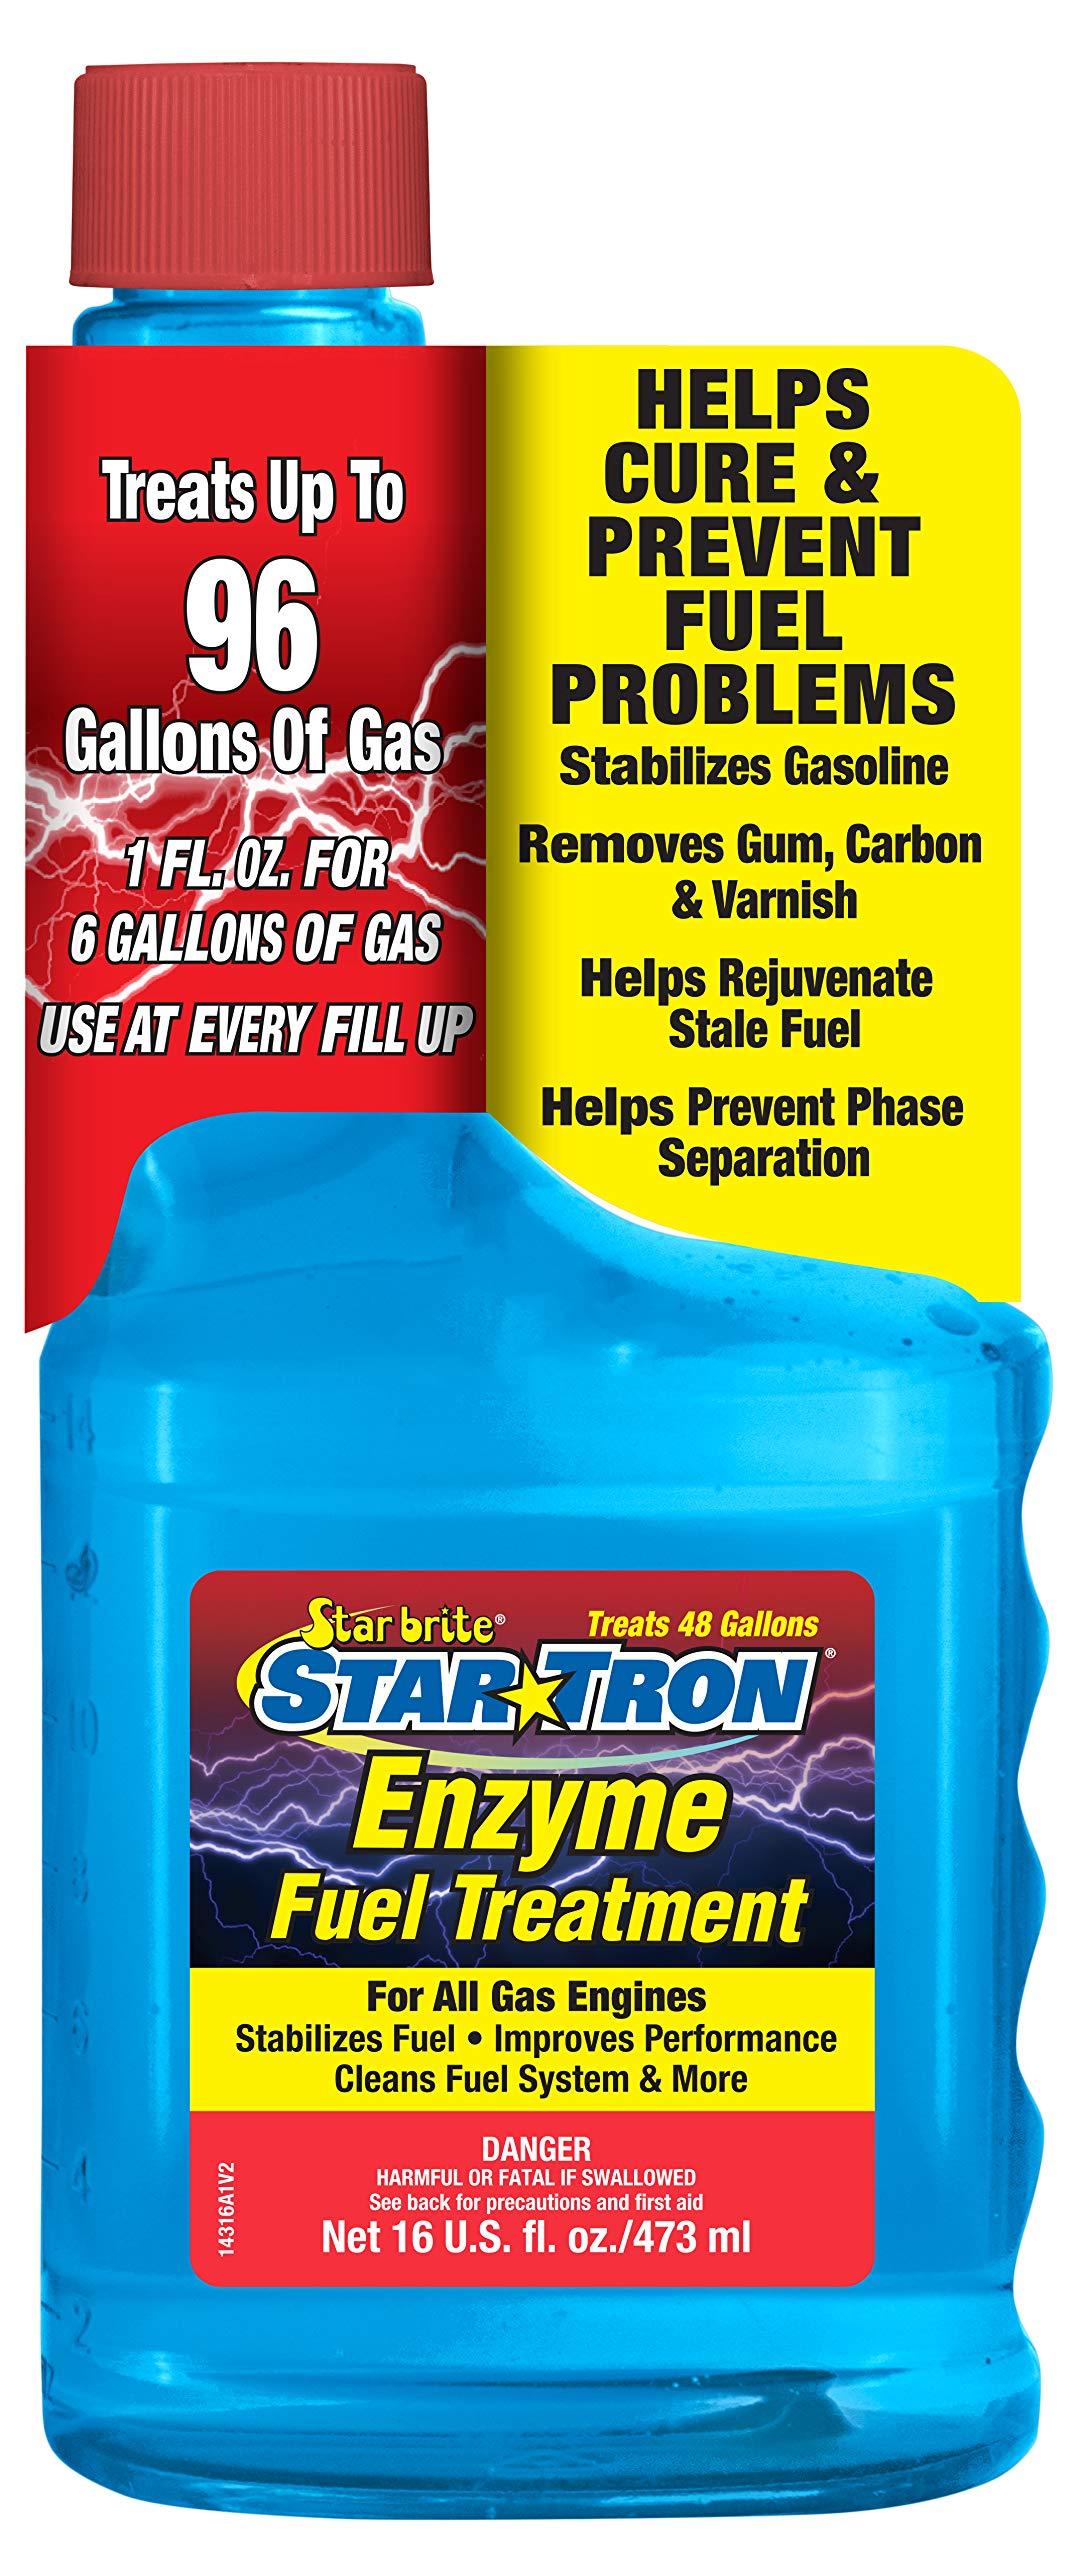 Star brite 14316 Star Tron Enzyme Fuel Treatment - 16 oz. by Star Brite